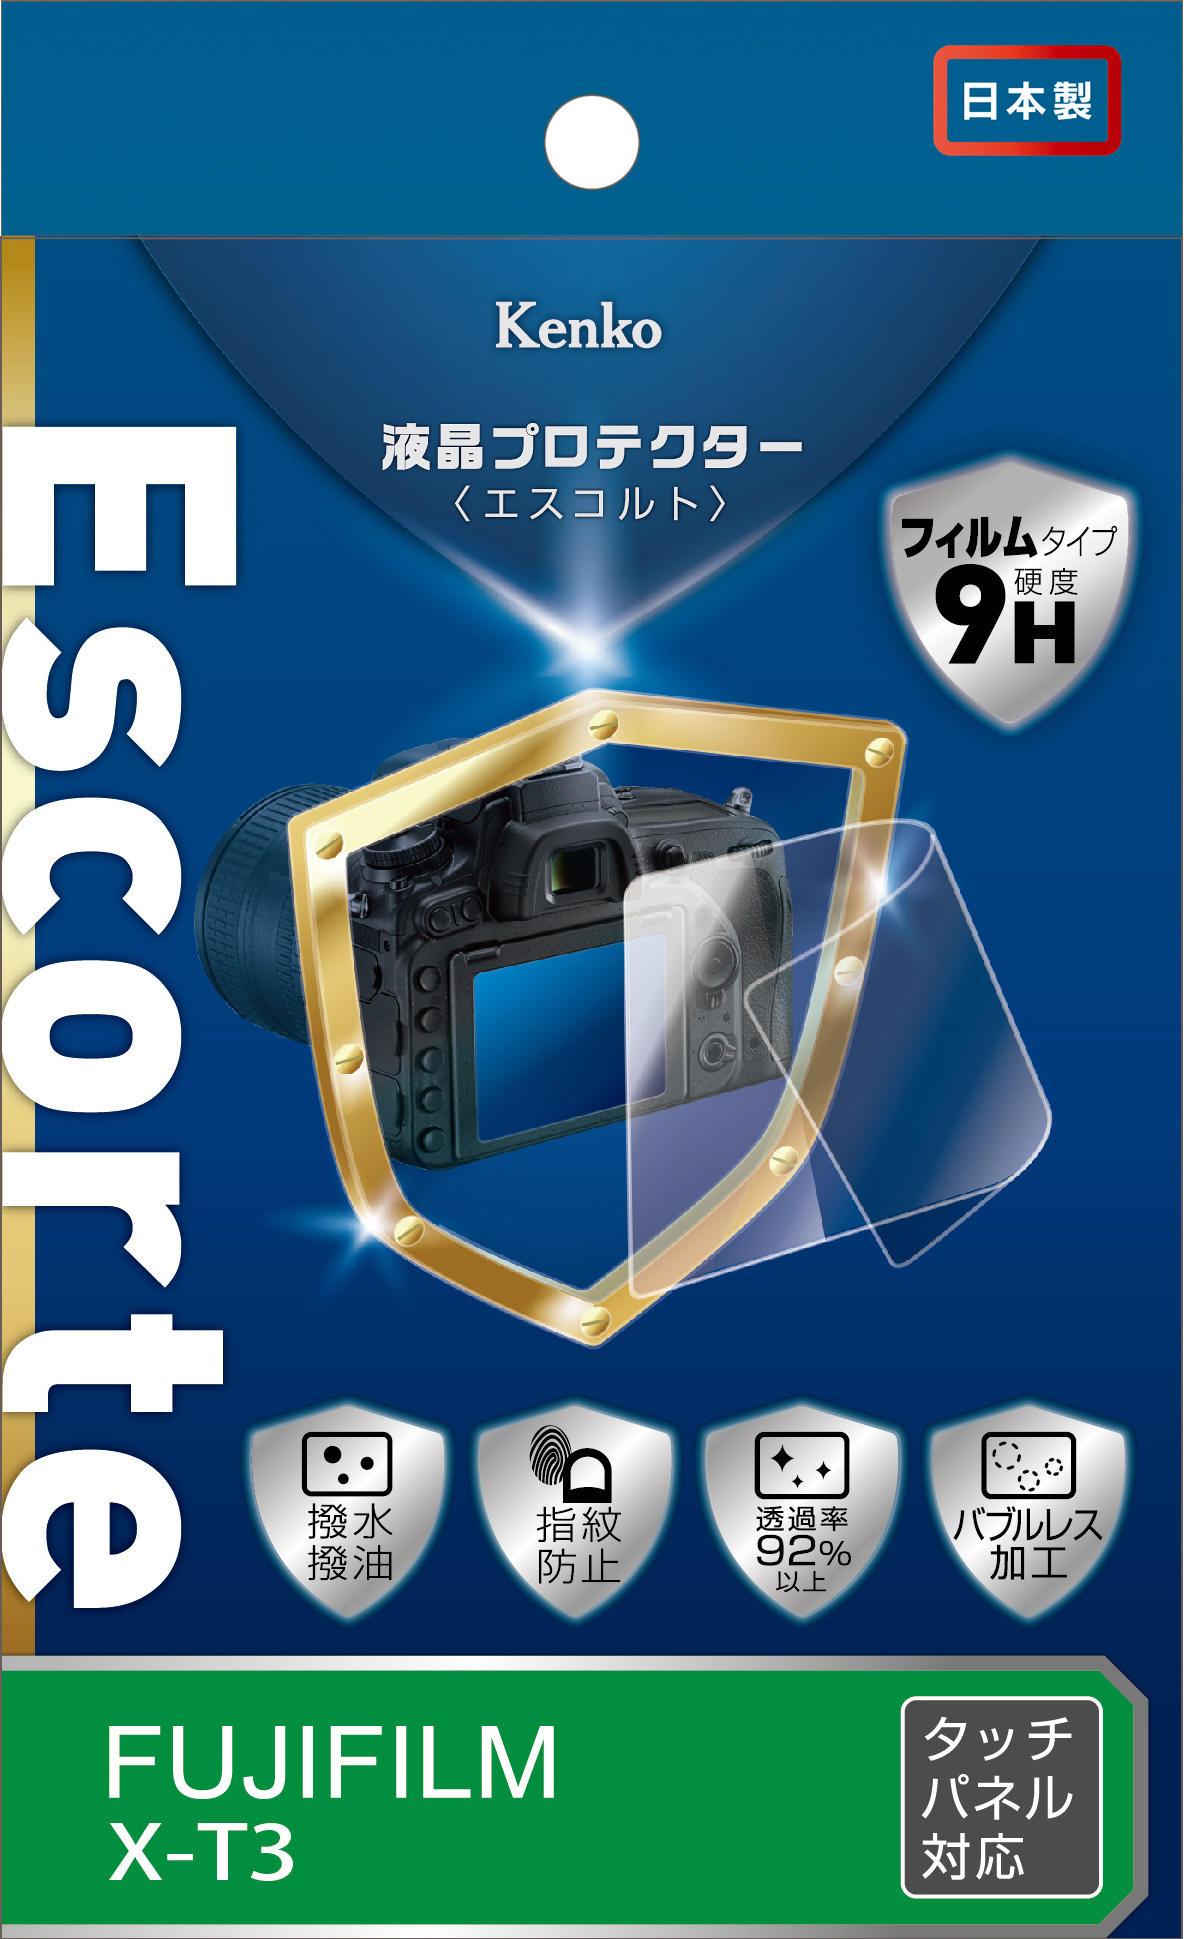 https://www.kenko-tokina.co.jp/imaging/eq/mt-images/4961607652701.jpg